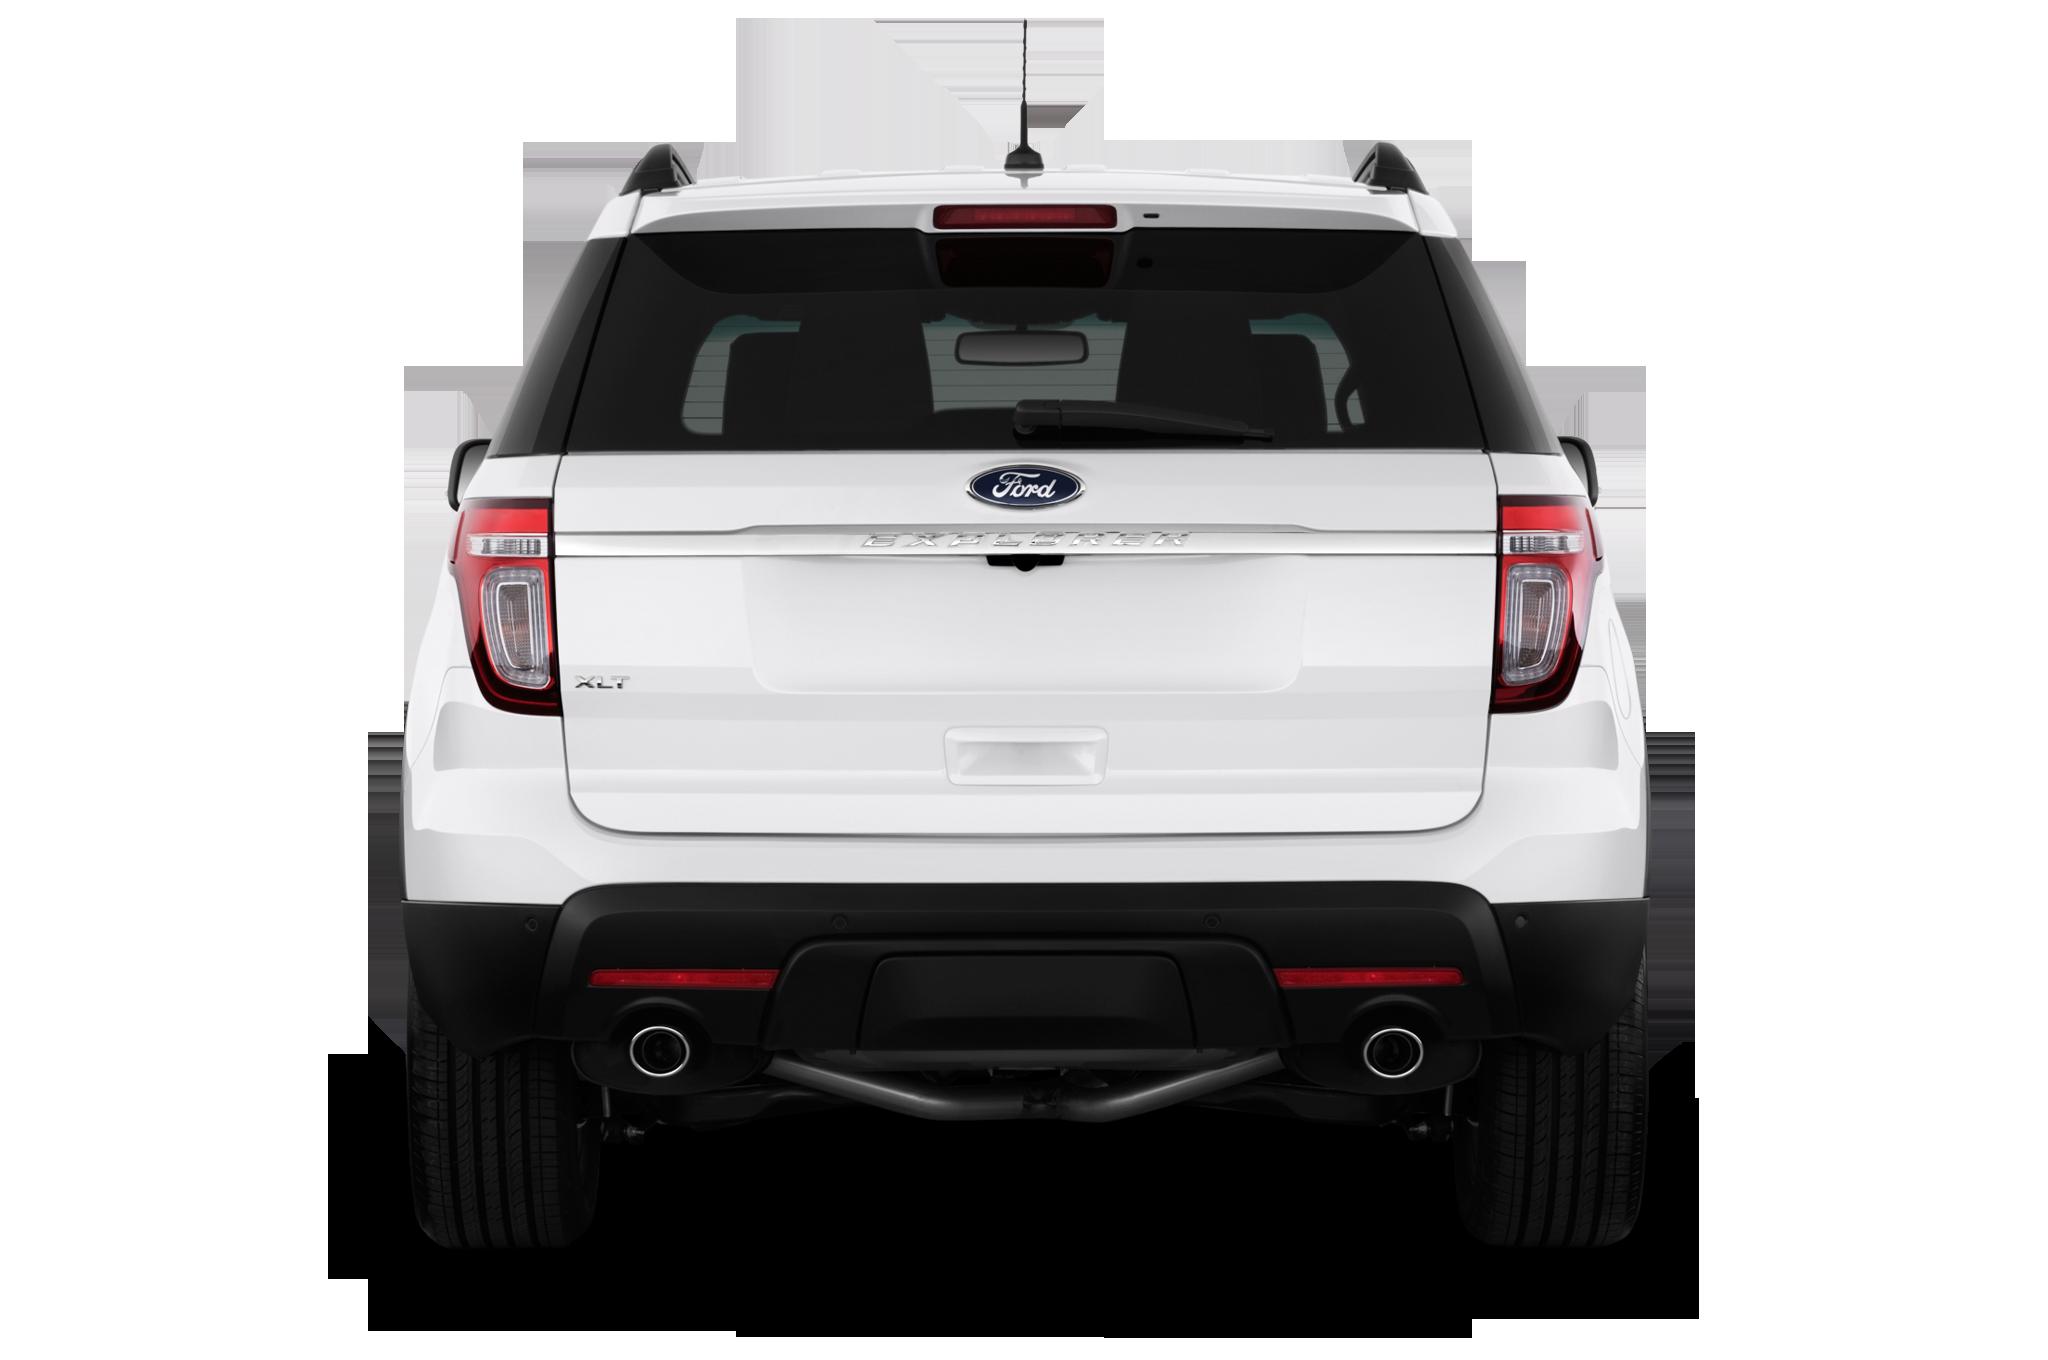 2015 Ford Explorer Gets